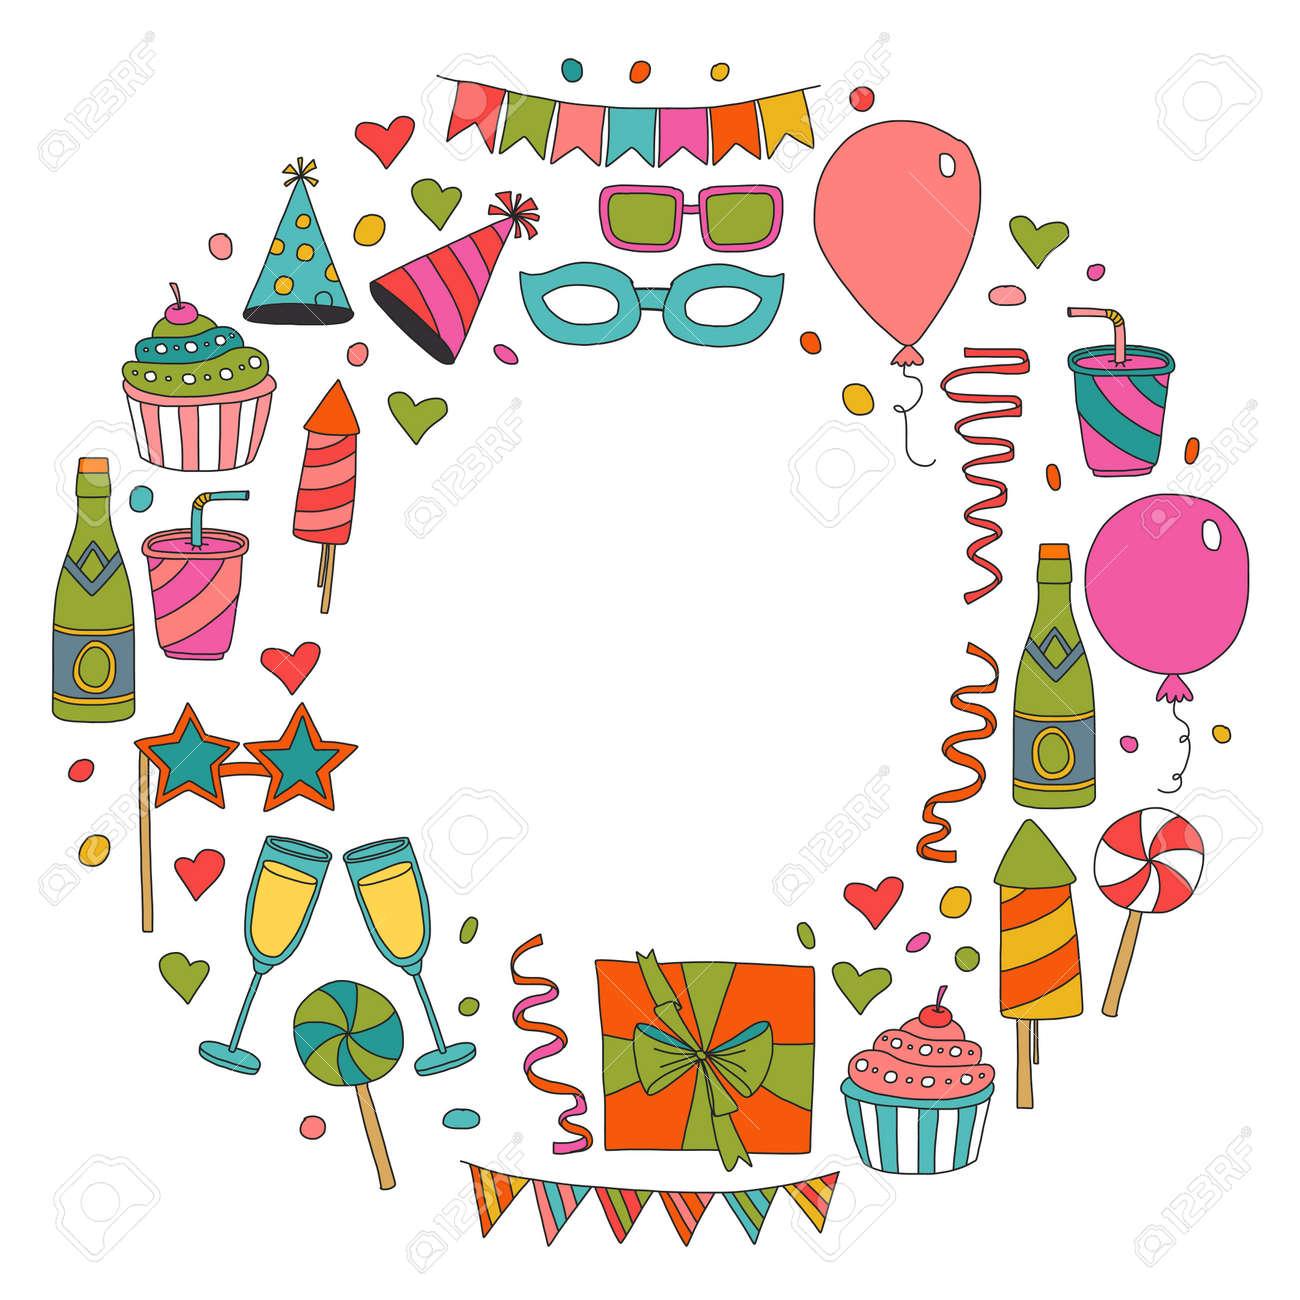 Modele De Carte De Joyeux Anniversaire Dessin D Enfants Fete D